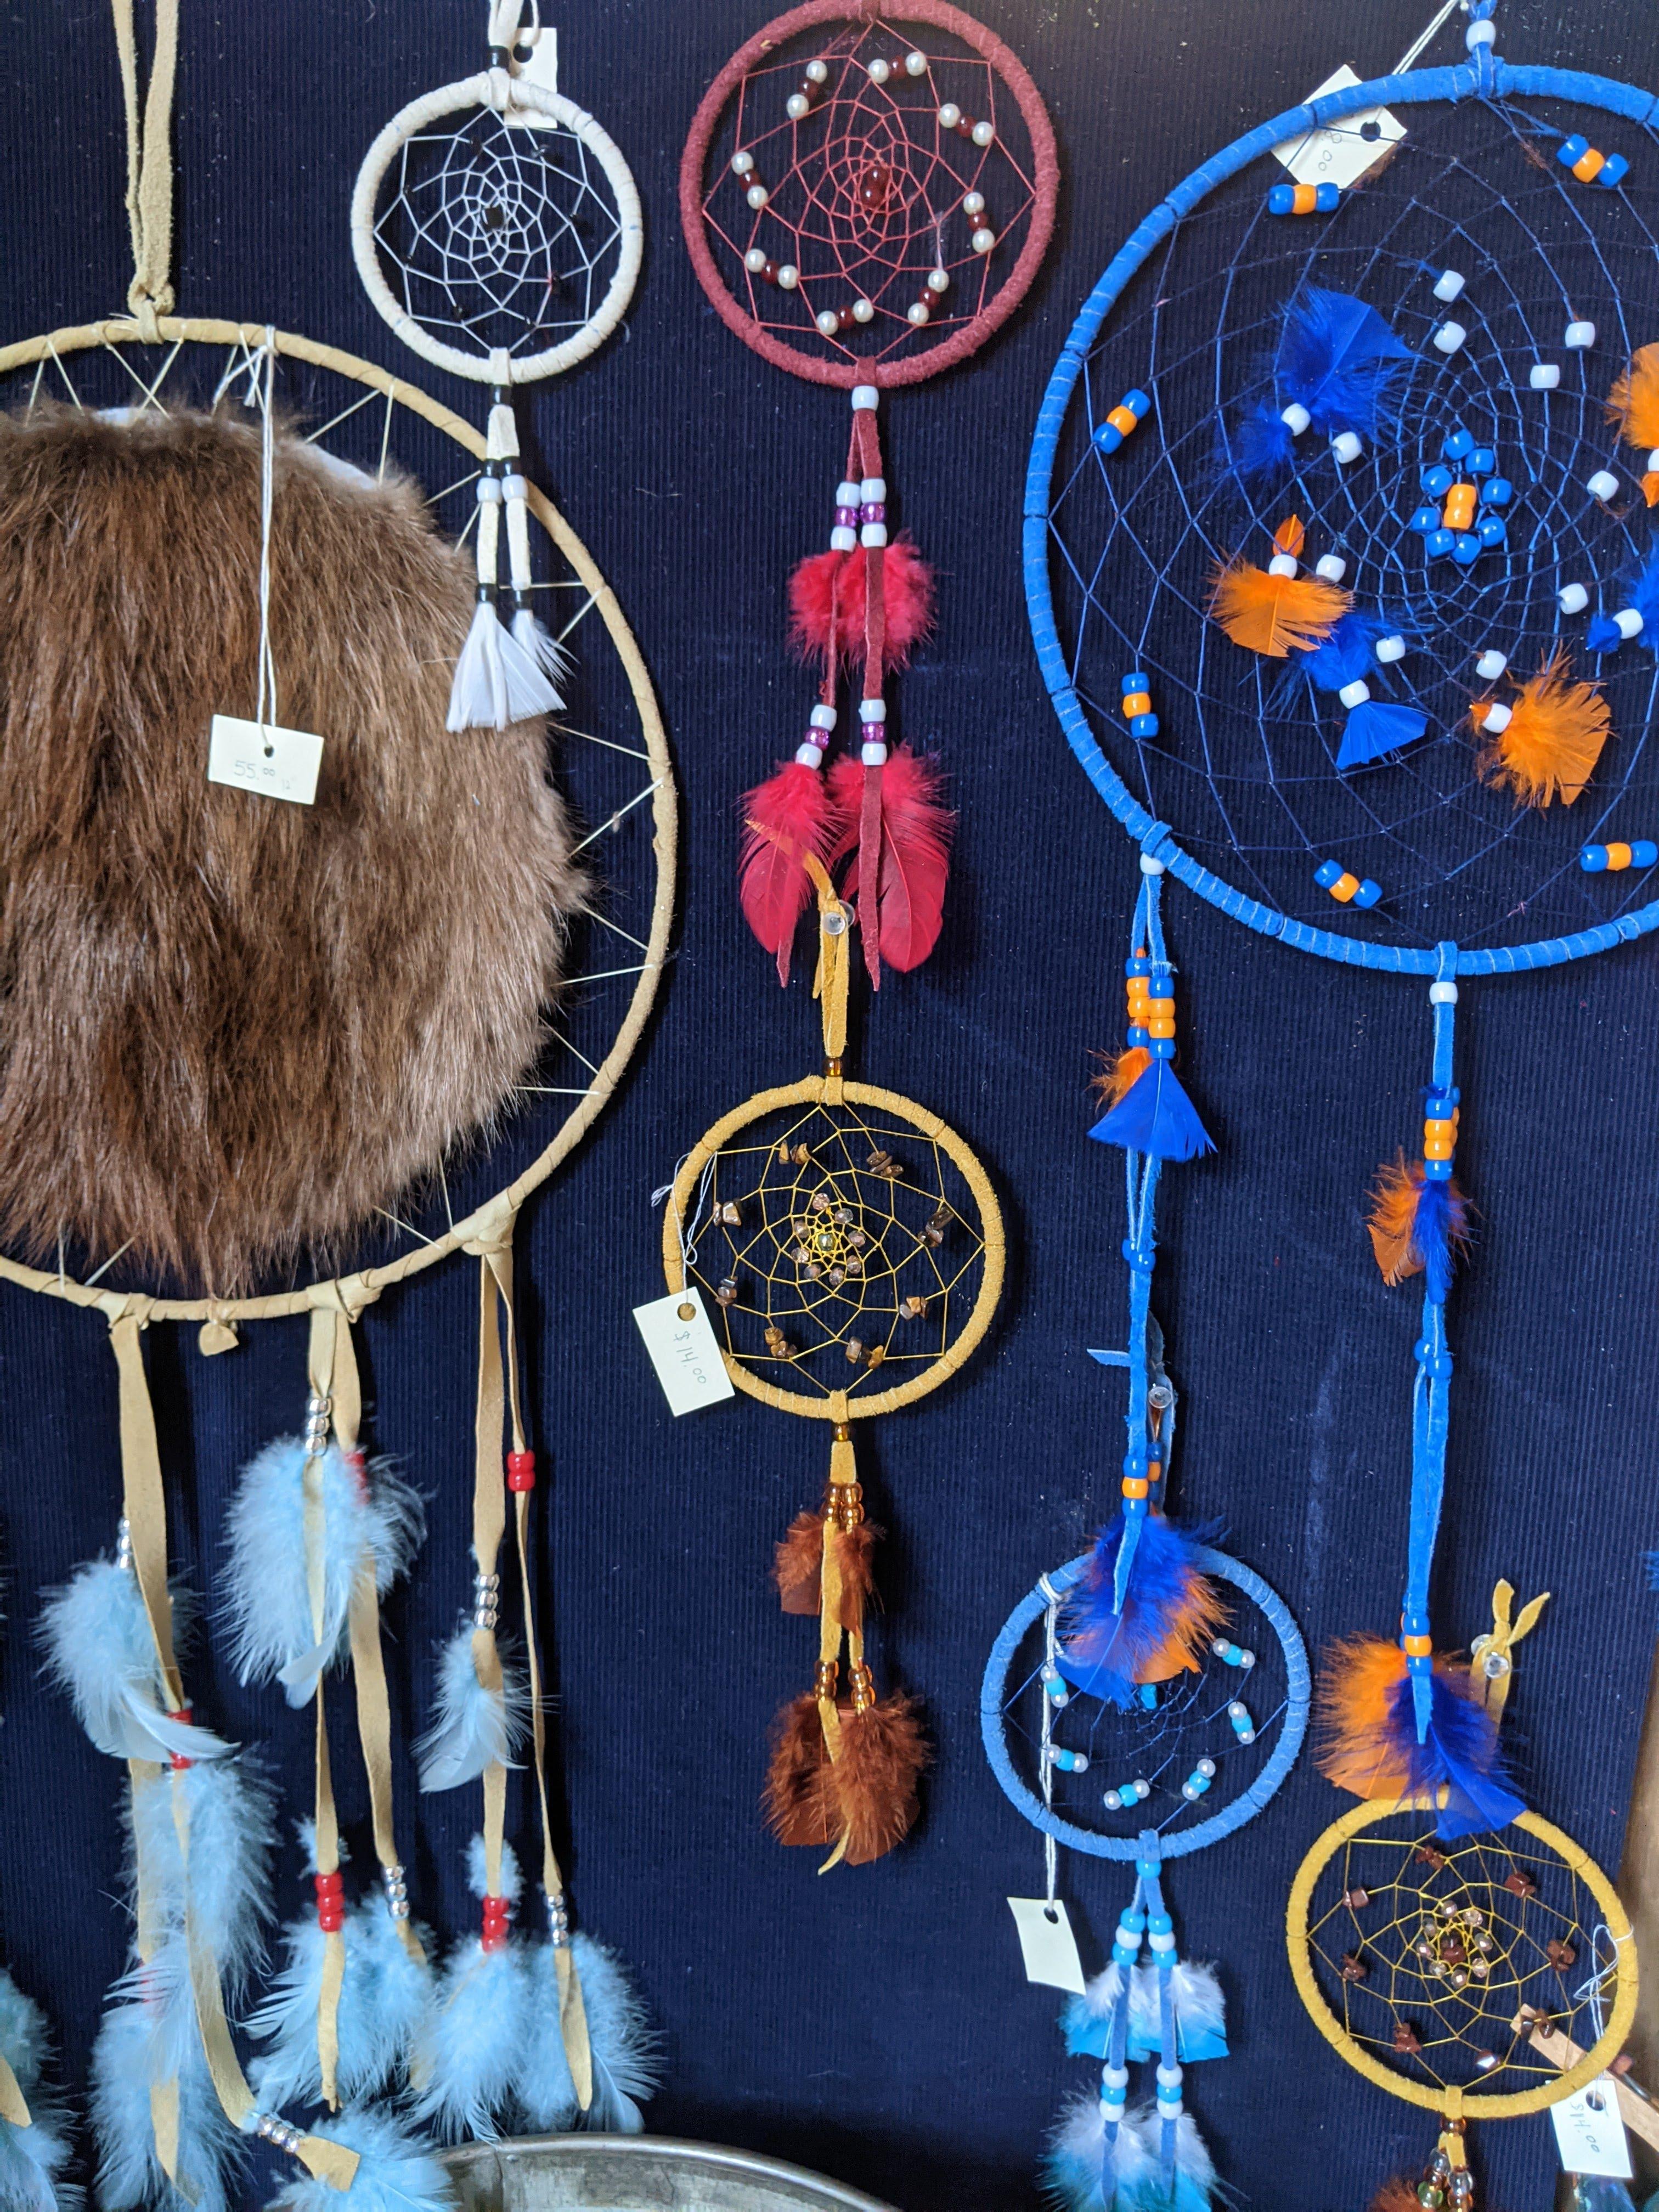 Handmade dreamcatchers Prices Vary $10- $30